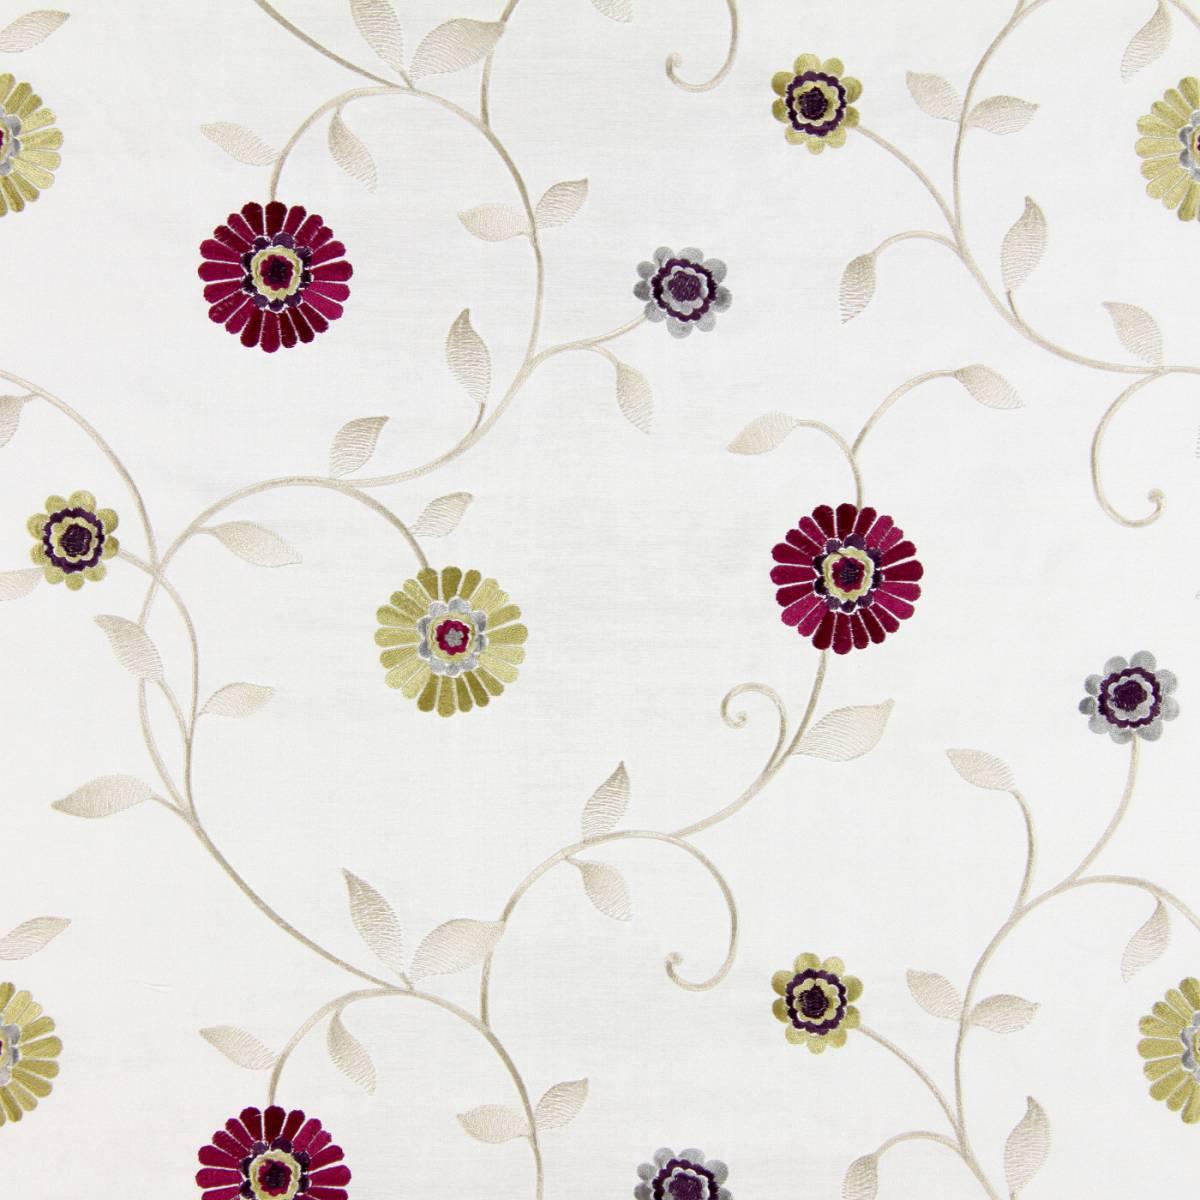 Maggiore Fabric - Mulberry (1316/314) - Prestigious Textiles Lago Fabrics Collection